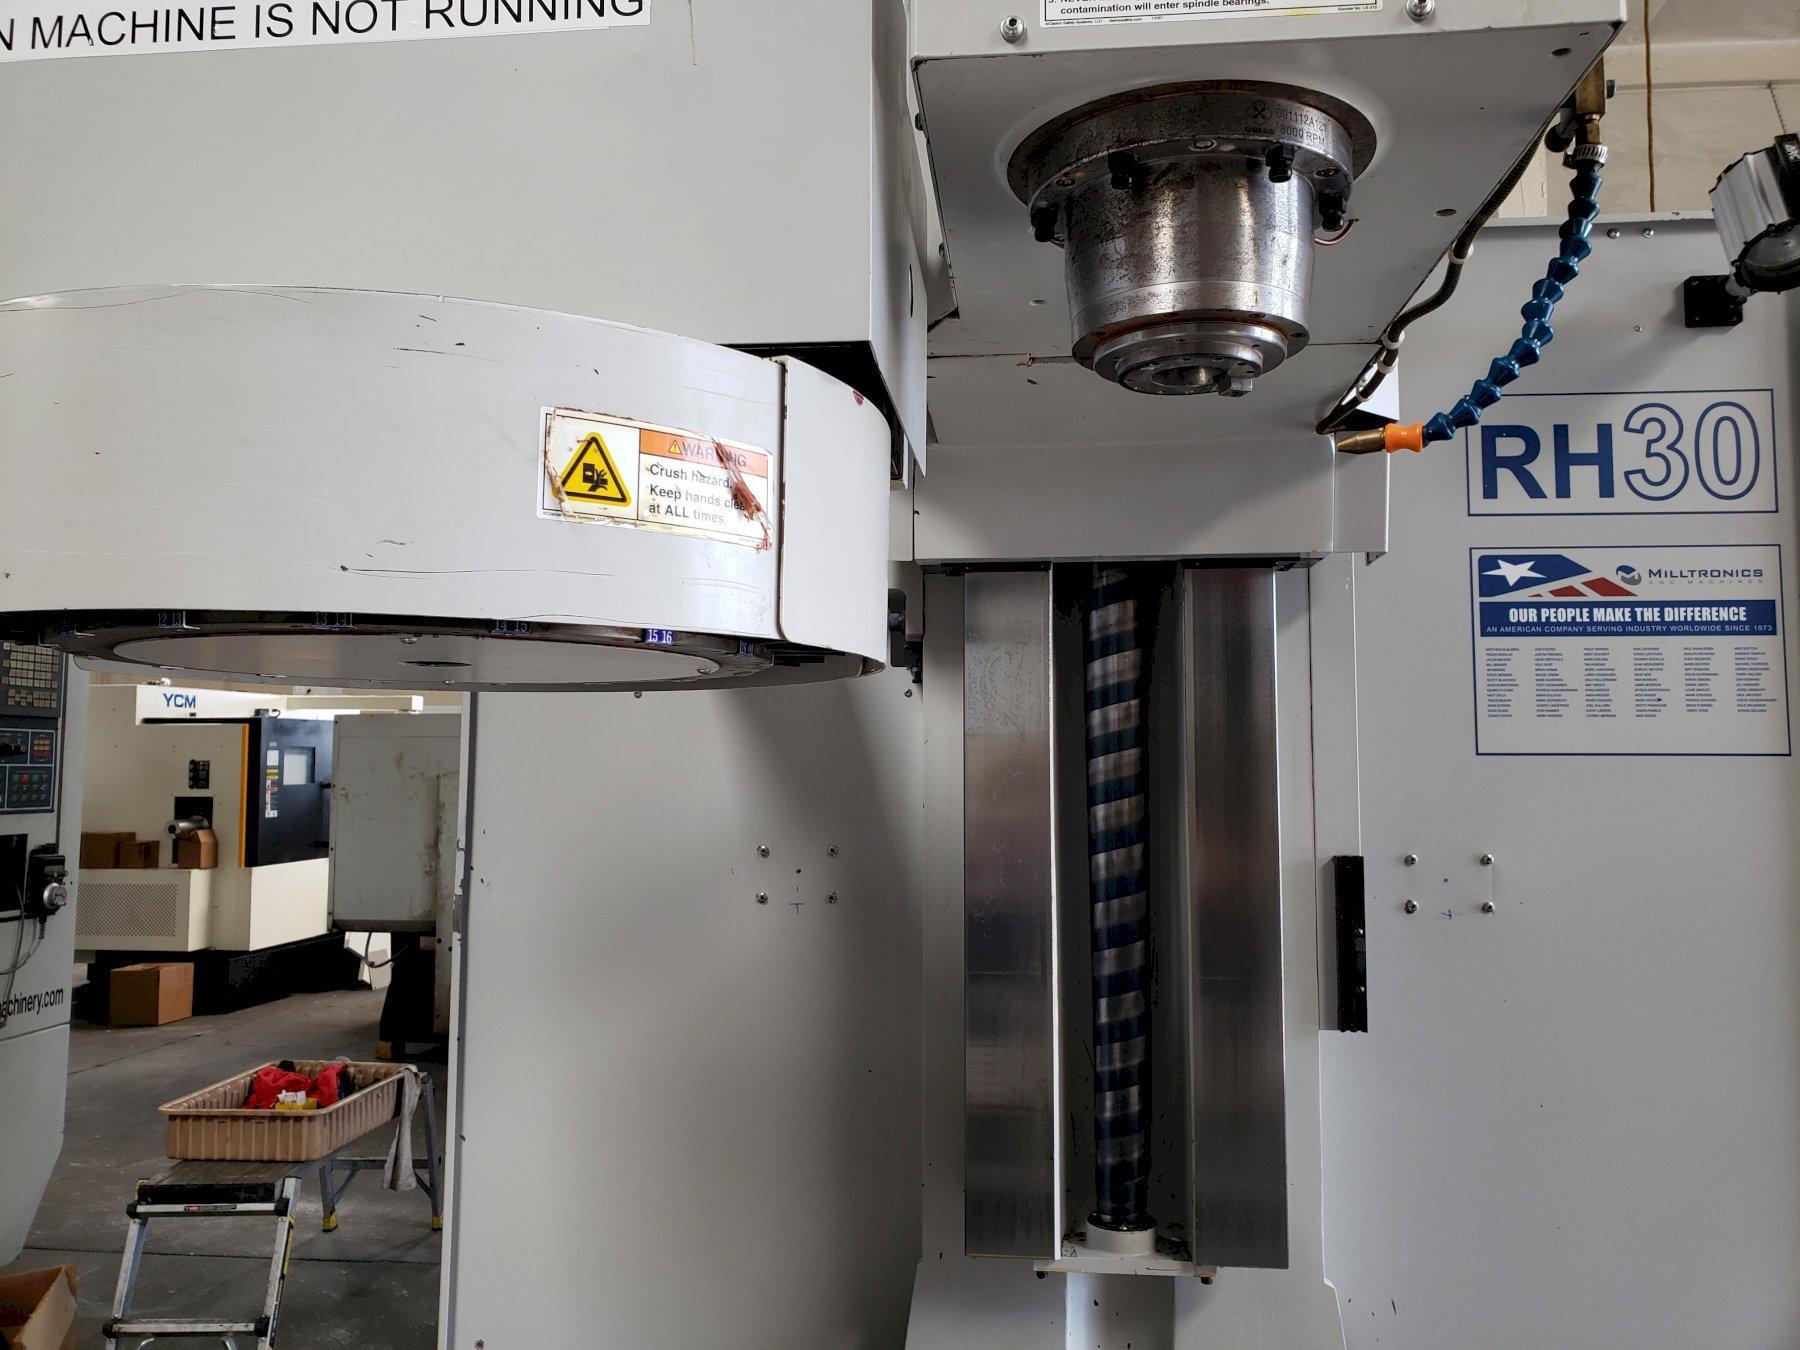 """Milltronics RH30L Toolroom Mill 2013 with: Milltronics 8200 CNC Control, 60""""x30""""x28"""" Travels, Rigid Tap, Remote Jog Handle, Rear Splash Guards, and Spray Mist Coolant."""